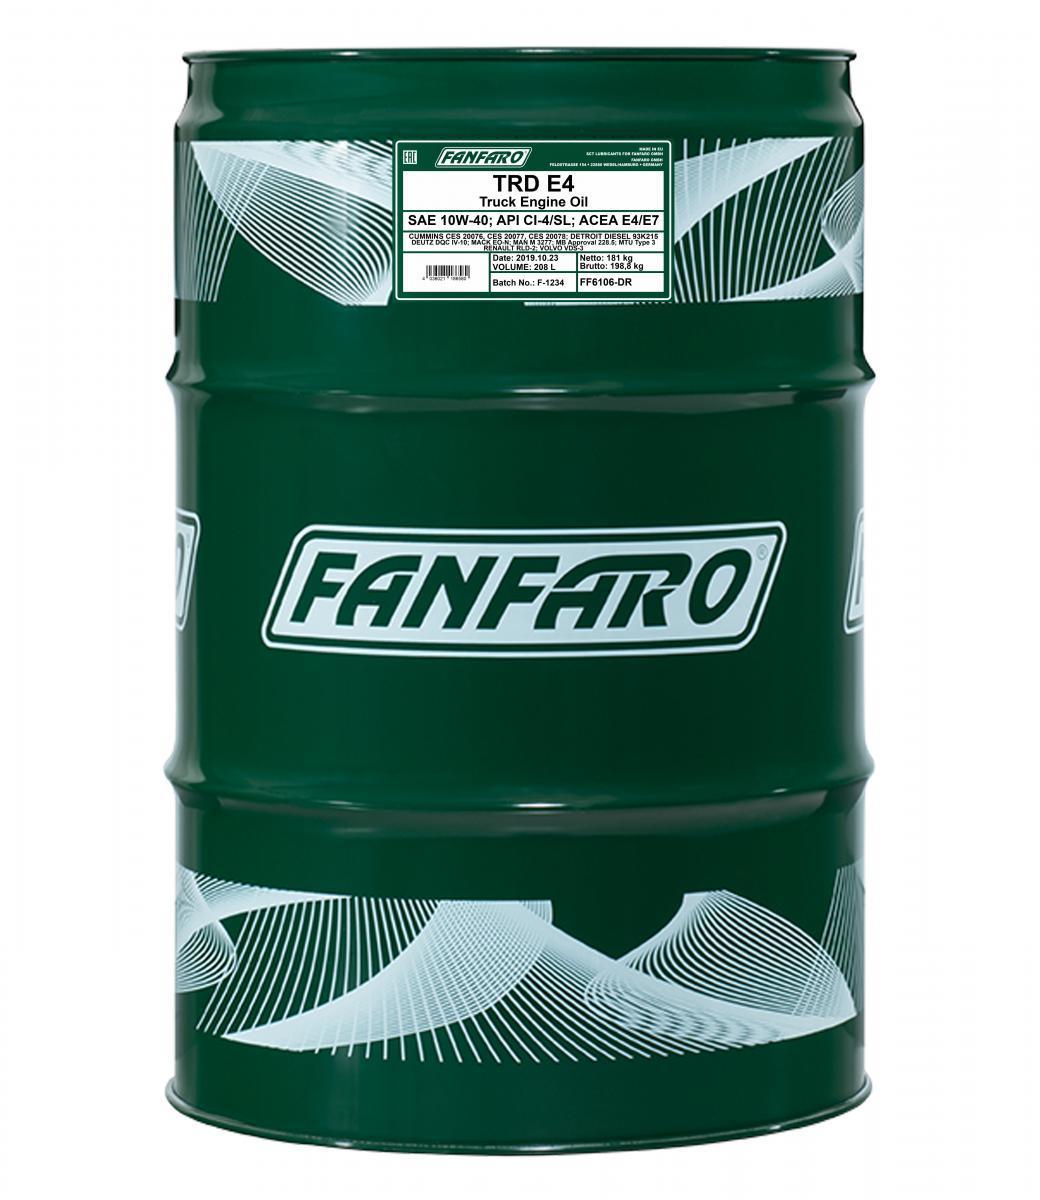 FF6106-DR FANFARO UHPD, TRD E4 10W-40, 10W-40, 208l, Synthetiköl Motoröl FF6106-DR günstig kaufen